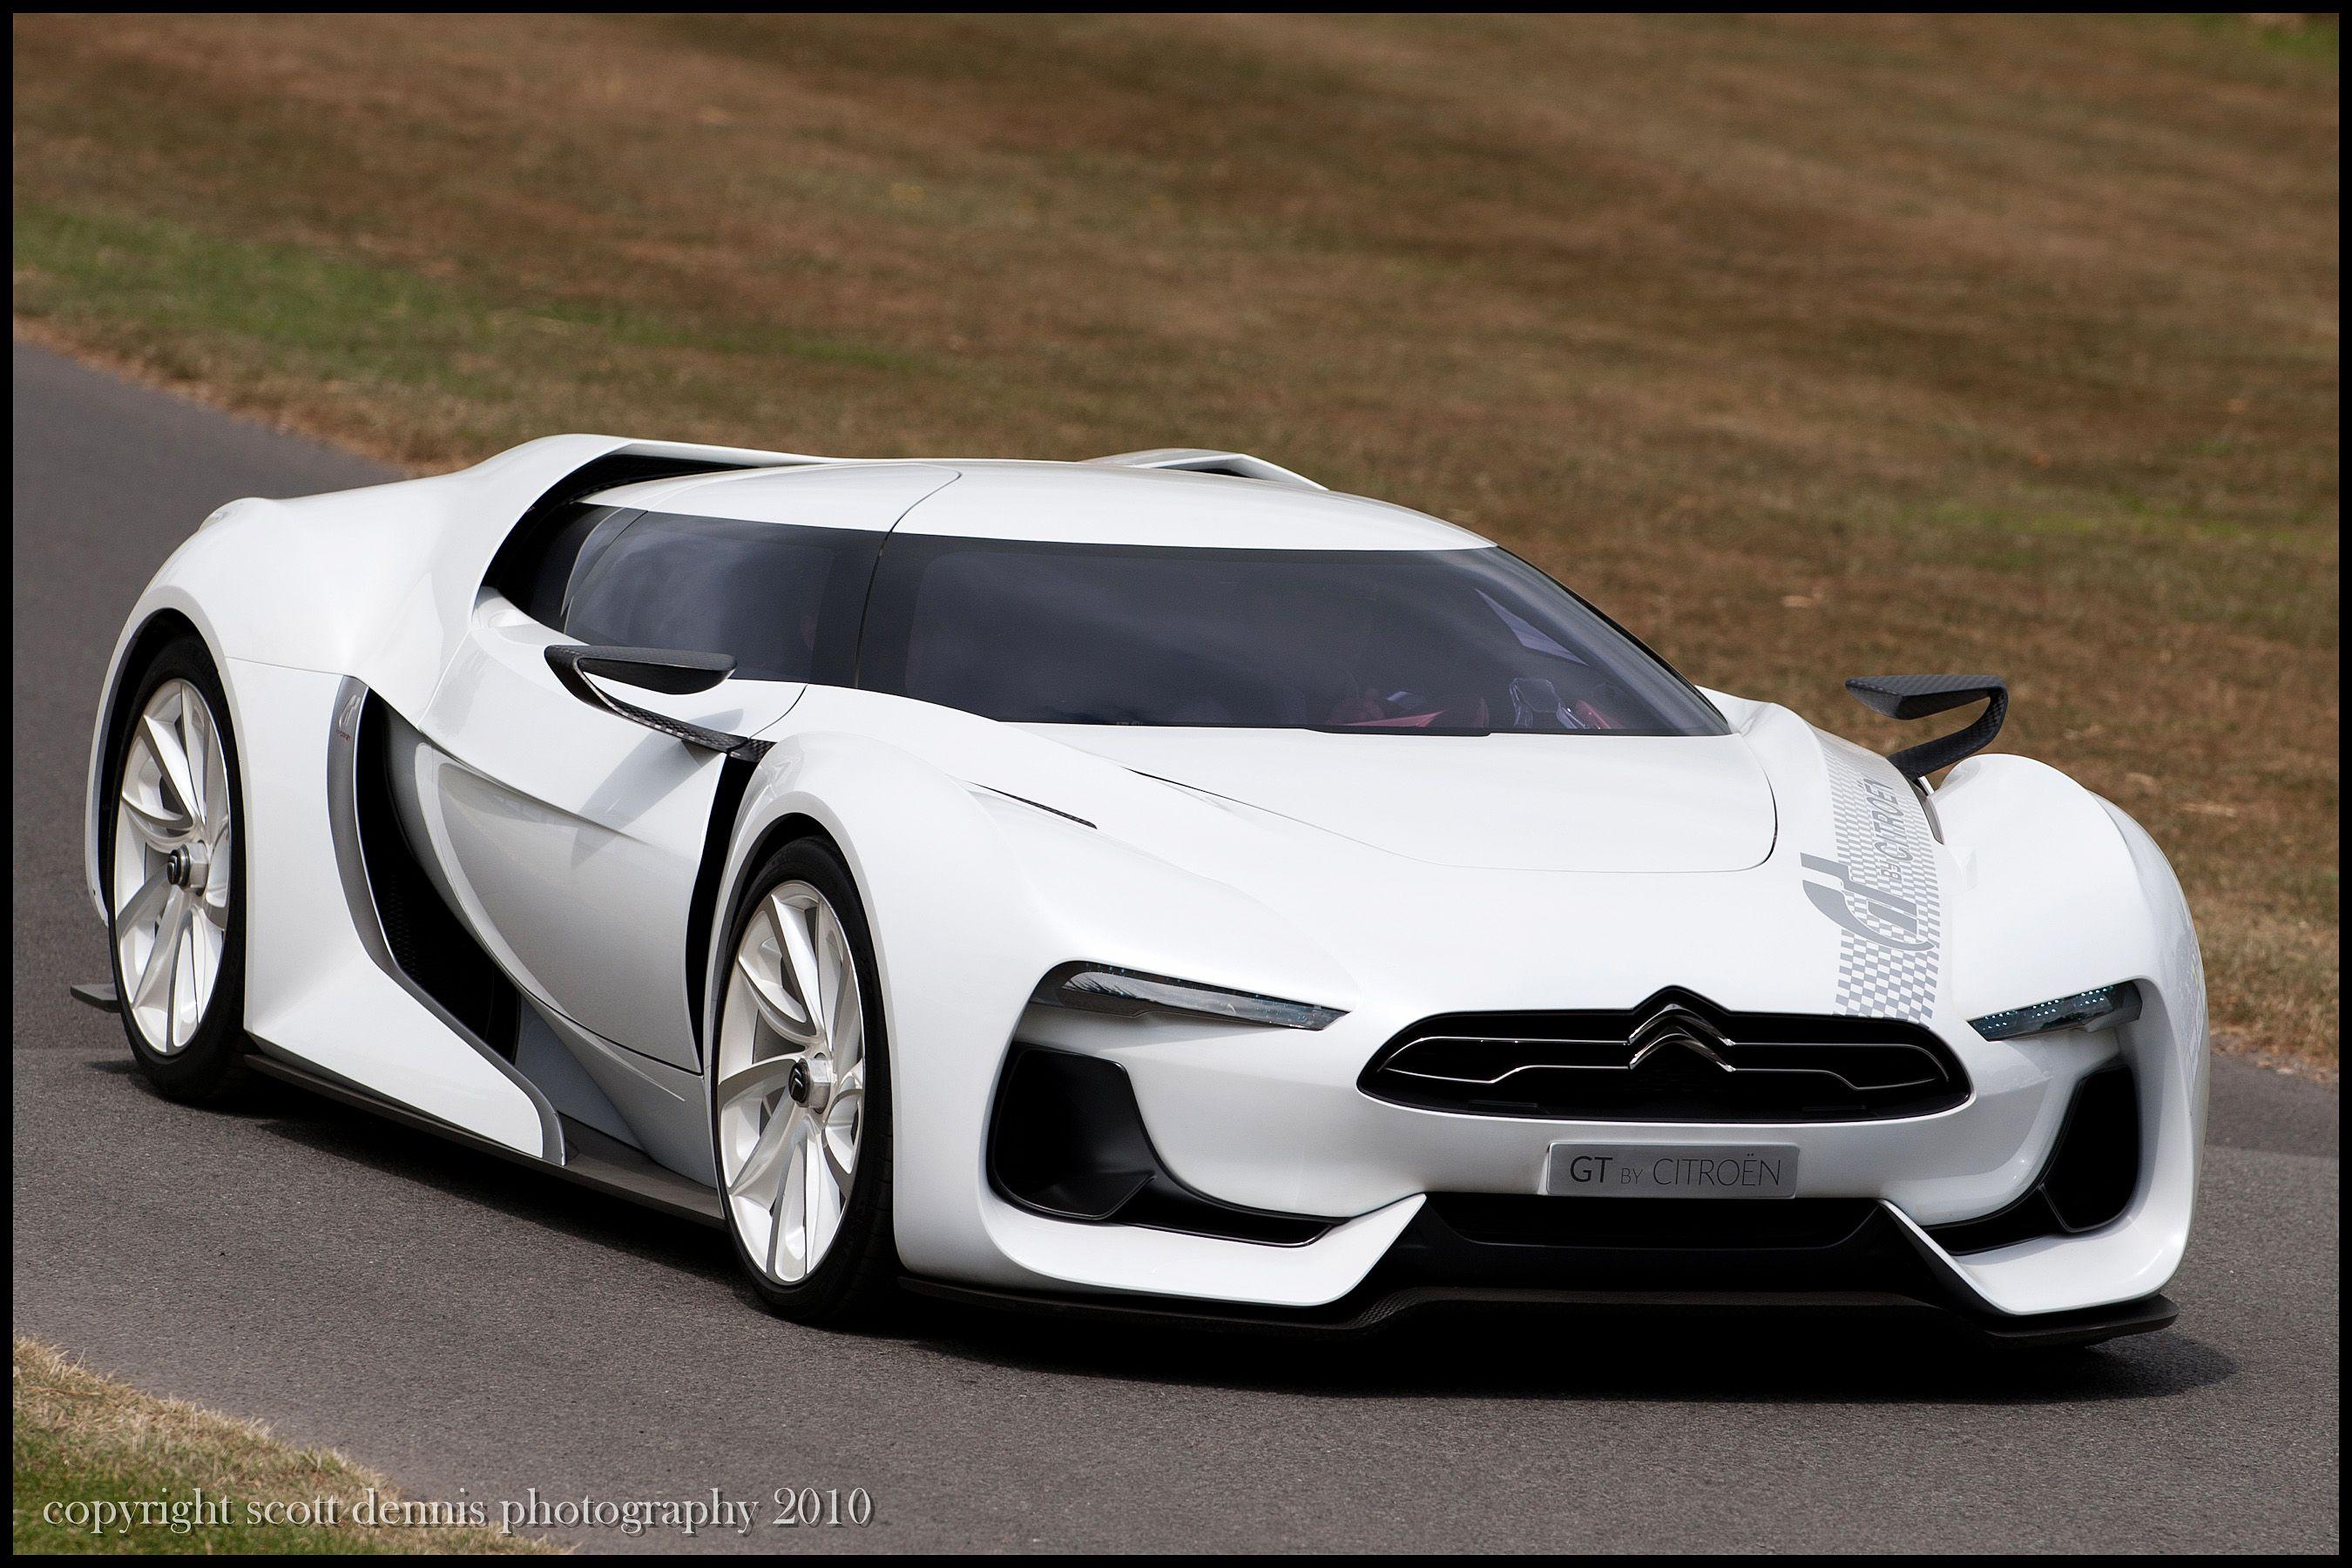 Citroen Gt Concept Futuristic Sporty Designed For Gran Turismo 5